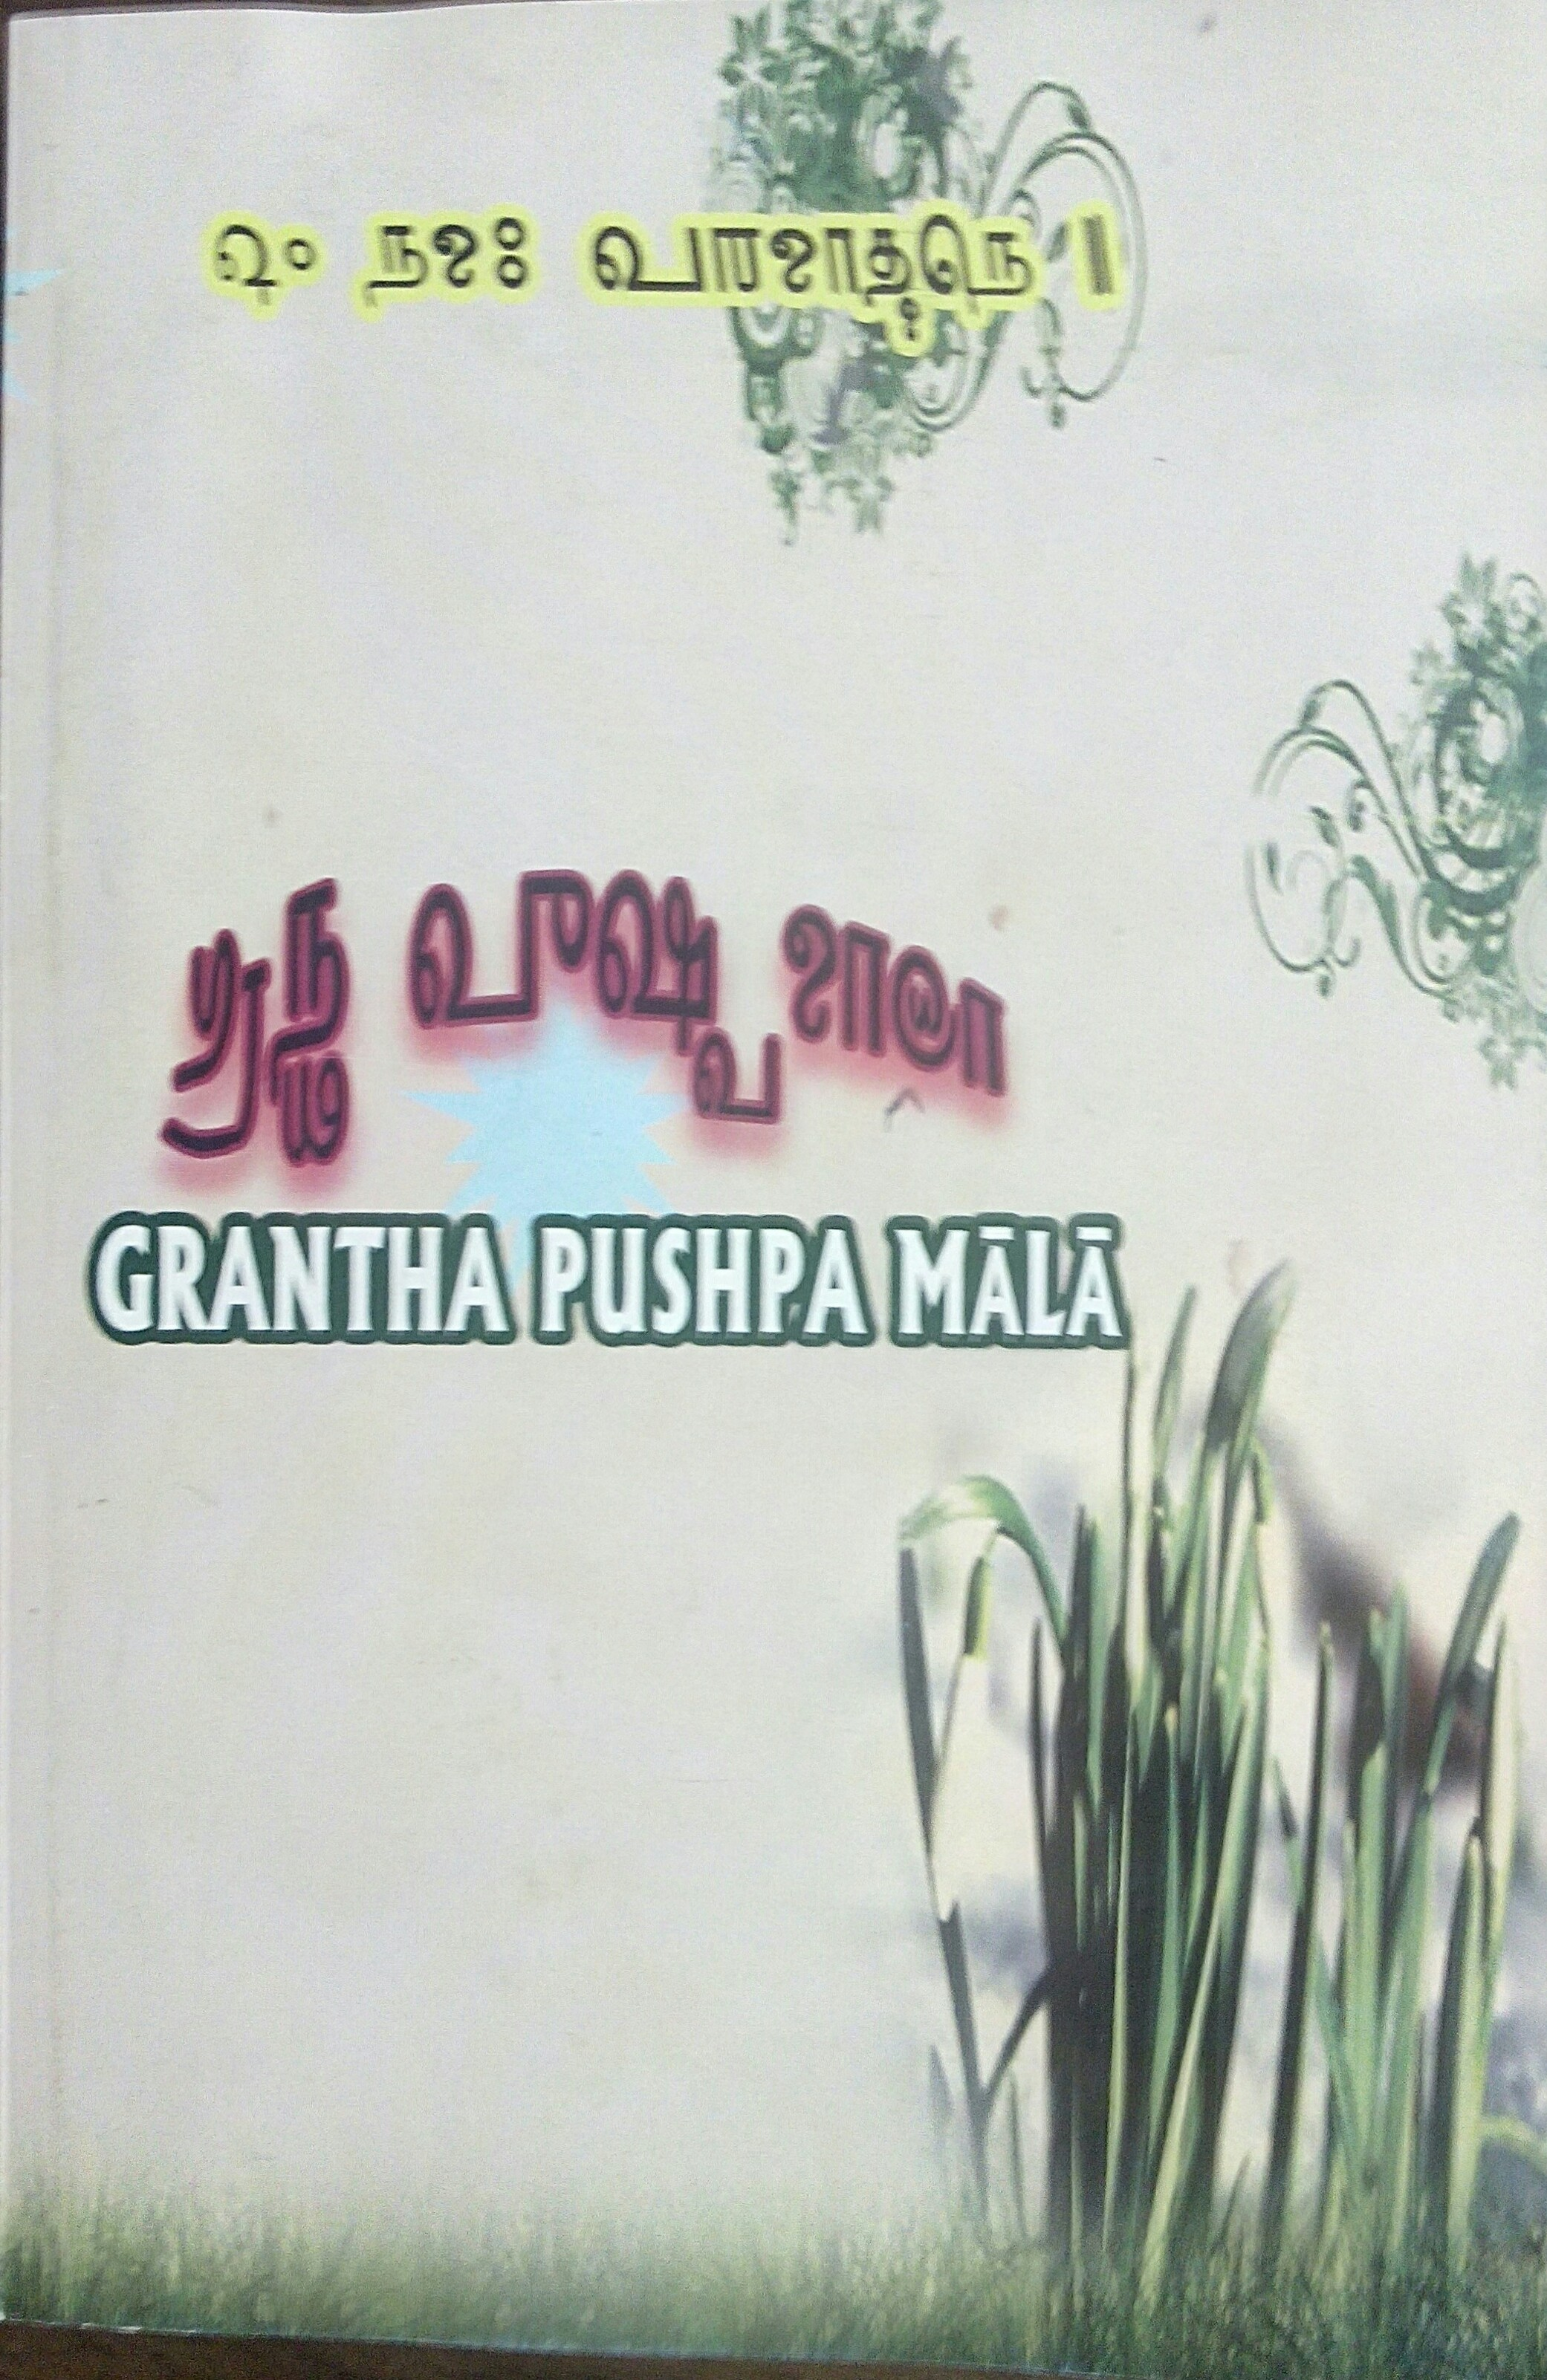 க்ரந்த புஷ்ப மாலா 1